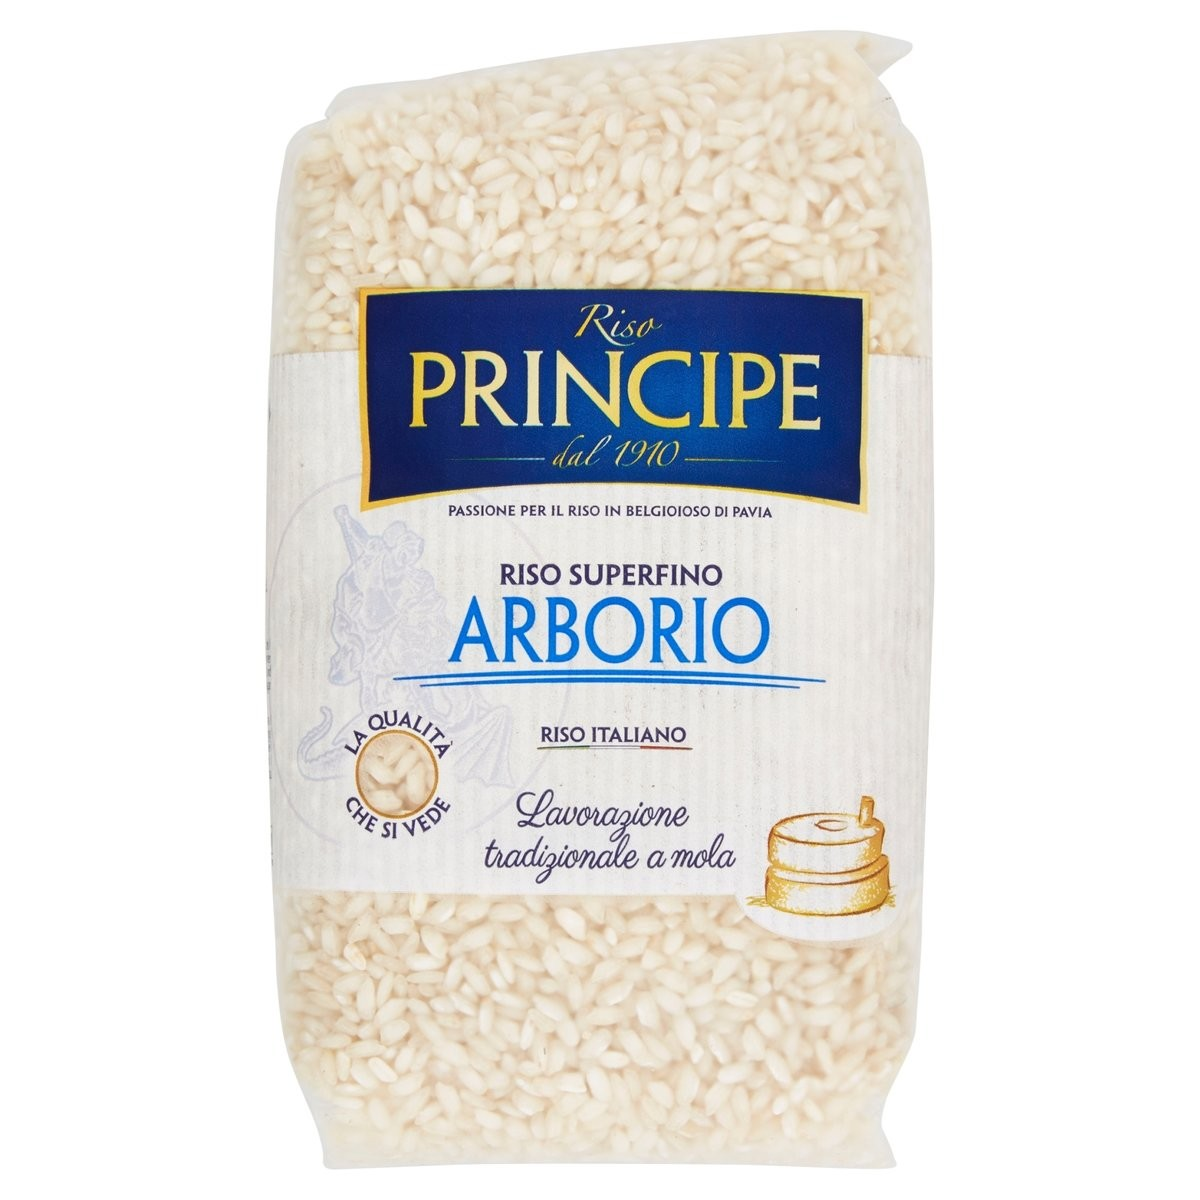 PRINCIPE Riso superfino Arborio